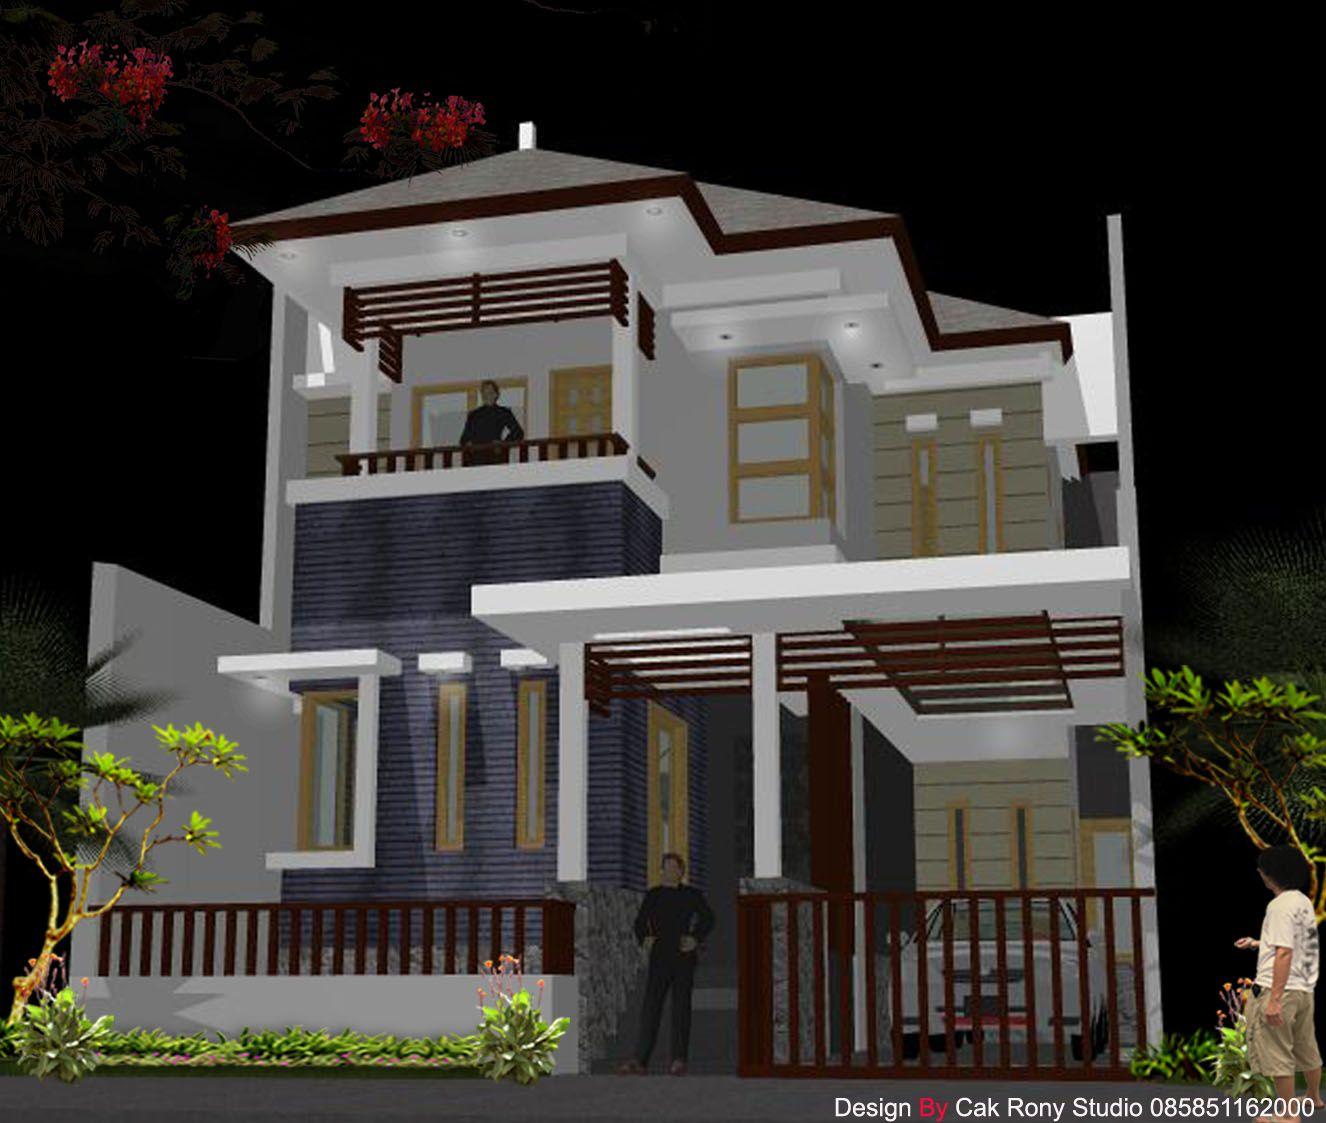 Design Rumah HomeDesignPictures | Wallpaper Keren 212 | Pinterest